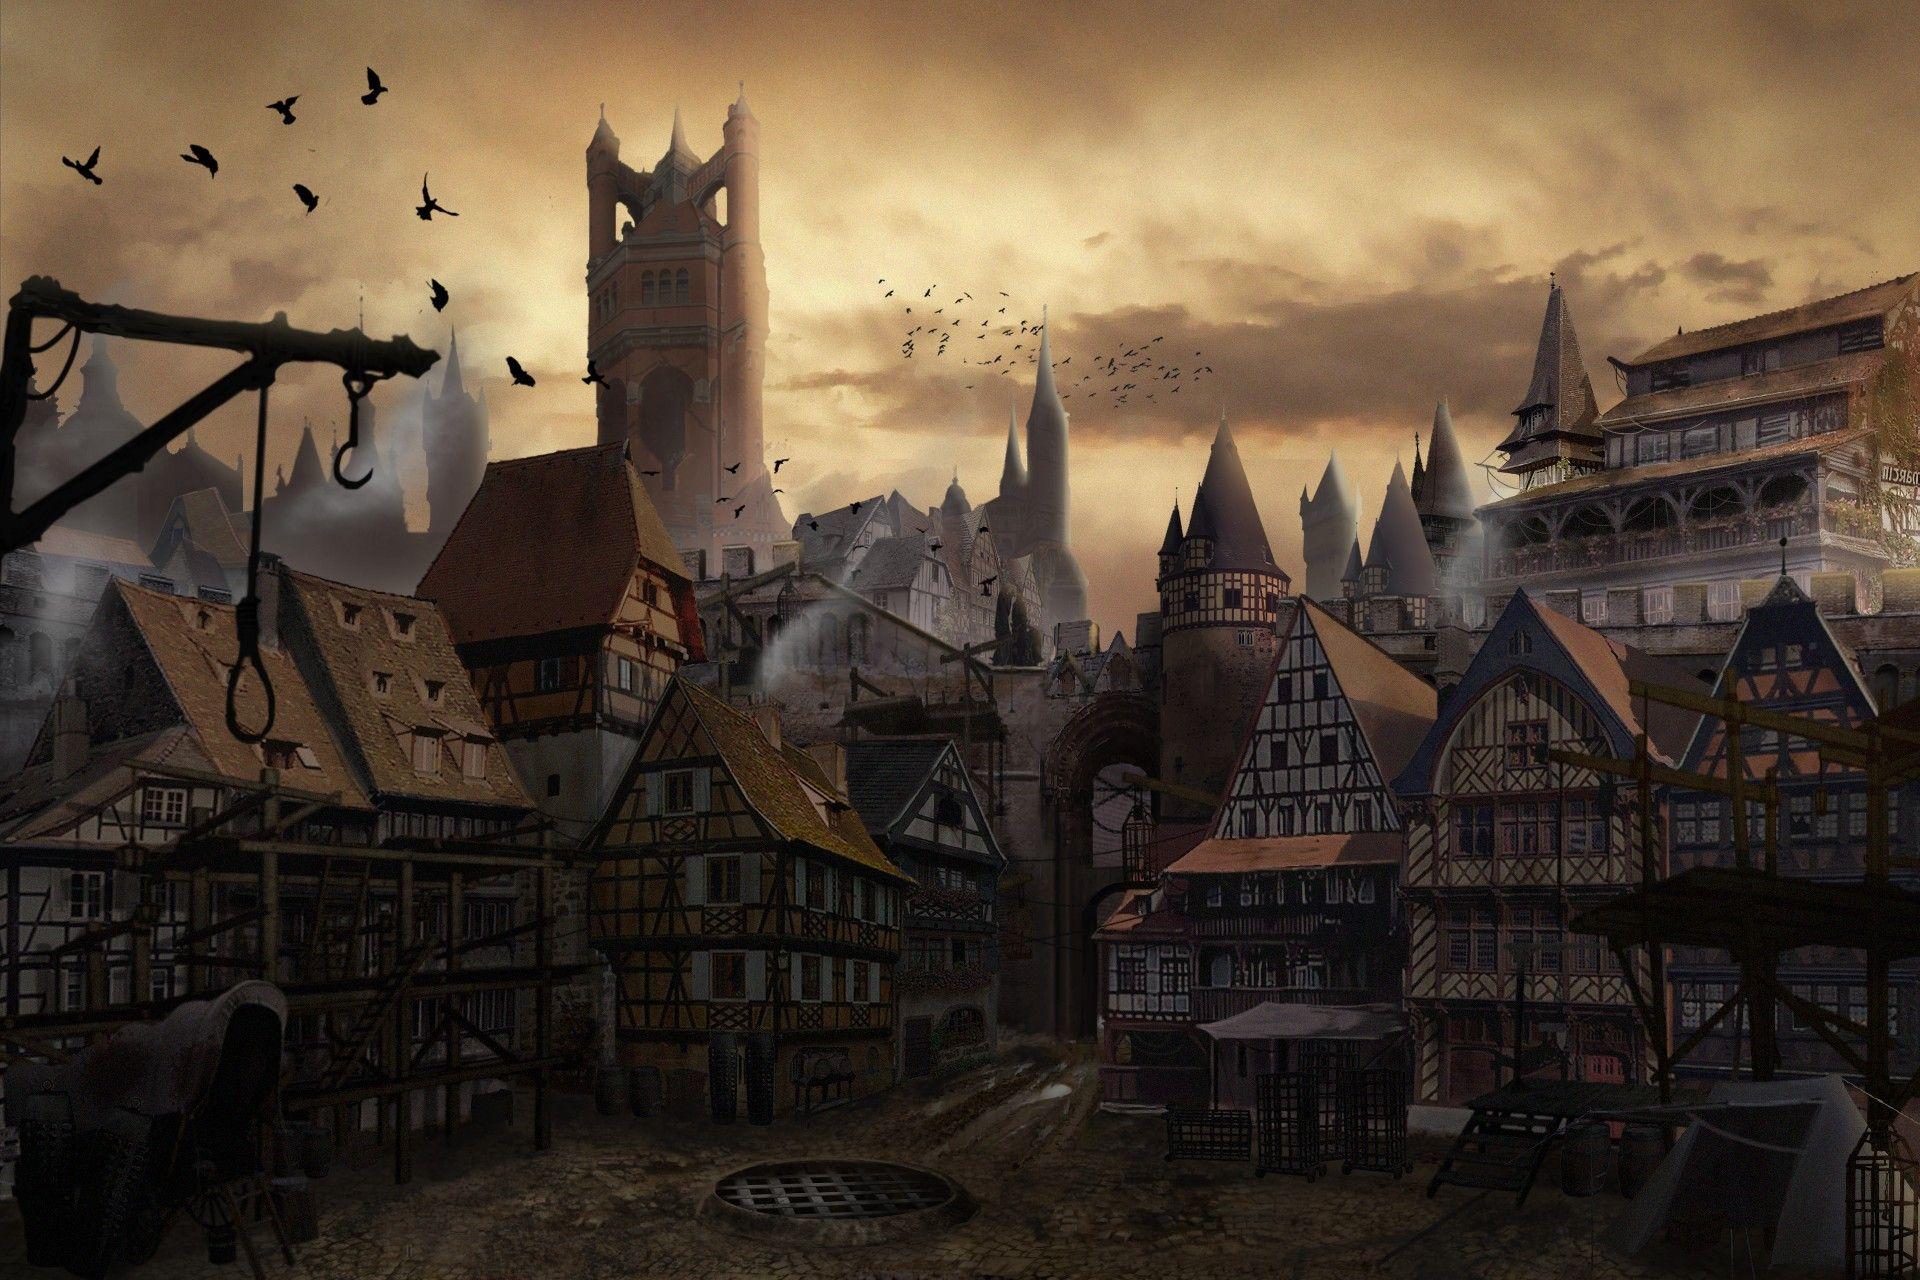 арты средневековье фэнтези сути, новлянском